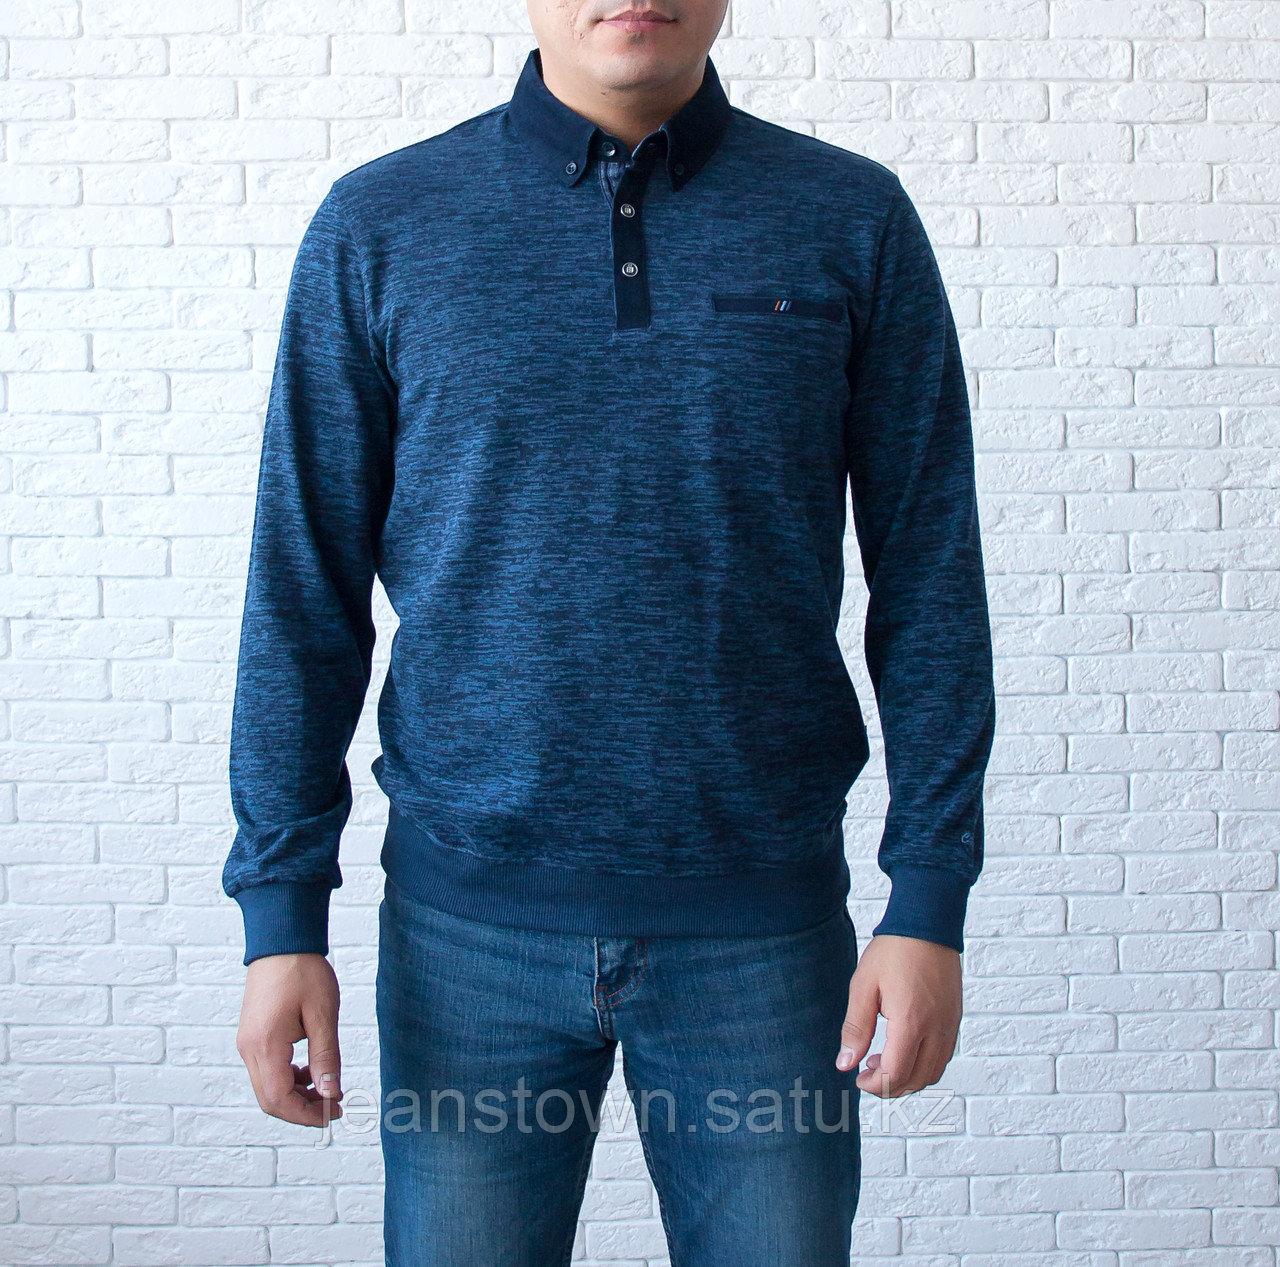 Кофта мужская с отложным воротником Caporicco синяя классическая